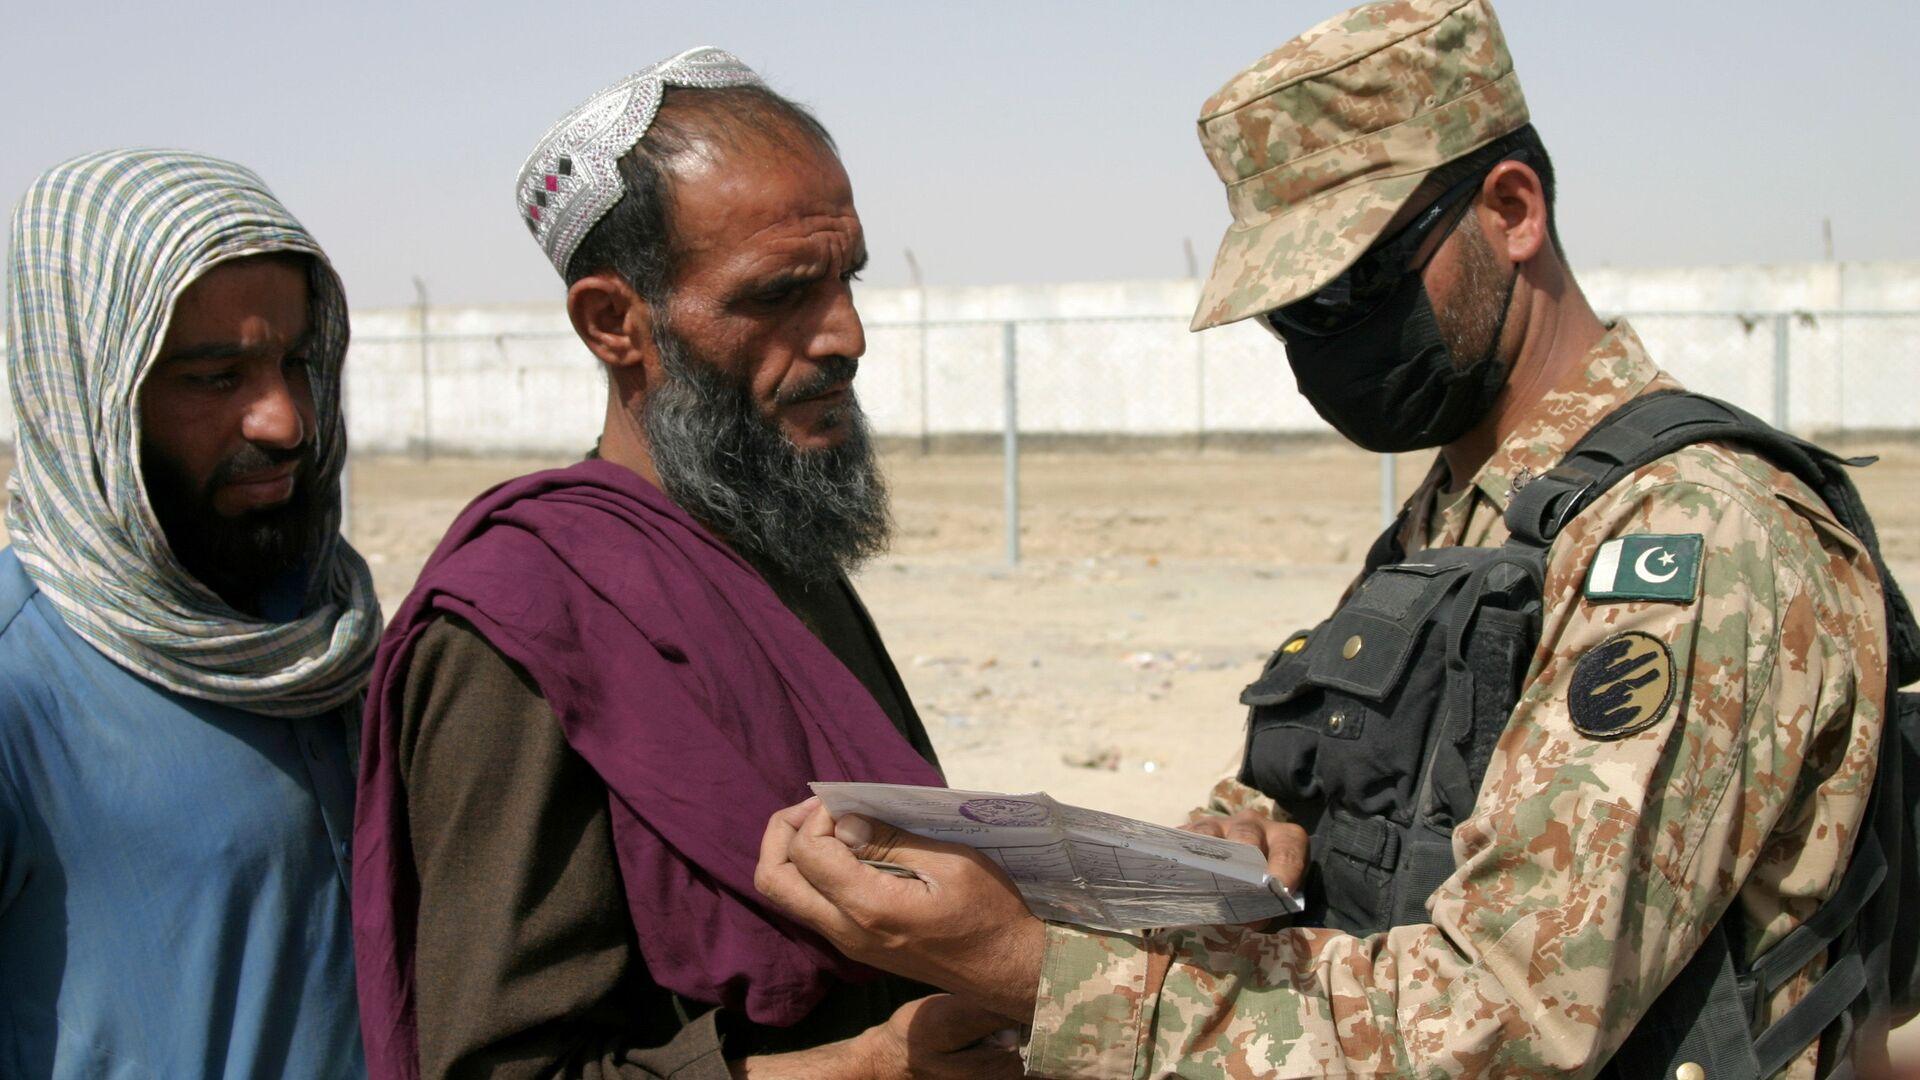 Пакистанский солдат проверяет документы людей, прибывающих из Афганистана, на контрольно-пропускном пункте Ворота дружбы в пакистано-афганском пограничном городе Чаман, Пакистан - Sputnik Таджикистан, 1920, 29.09.2021